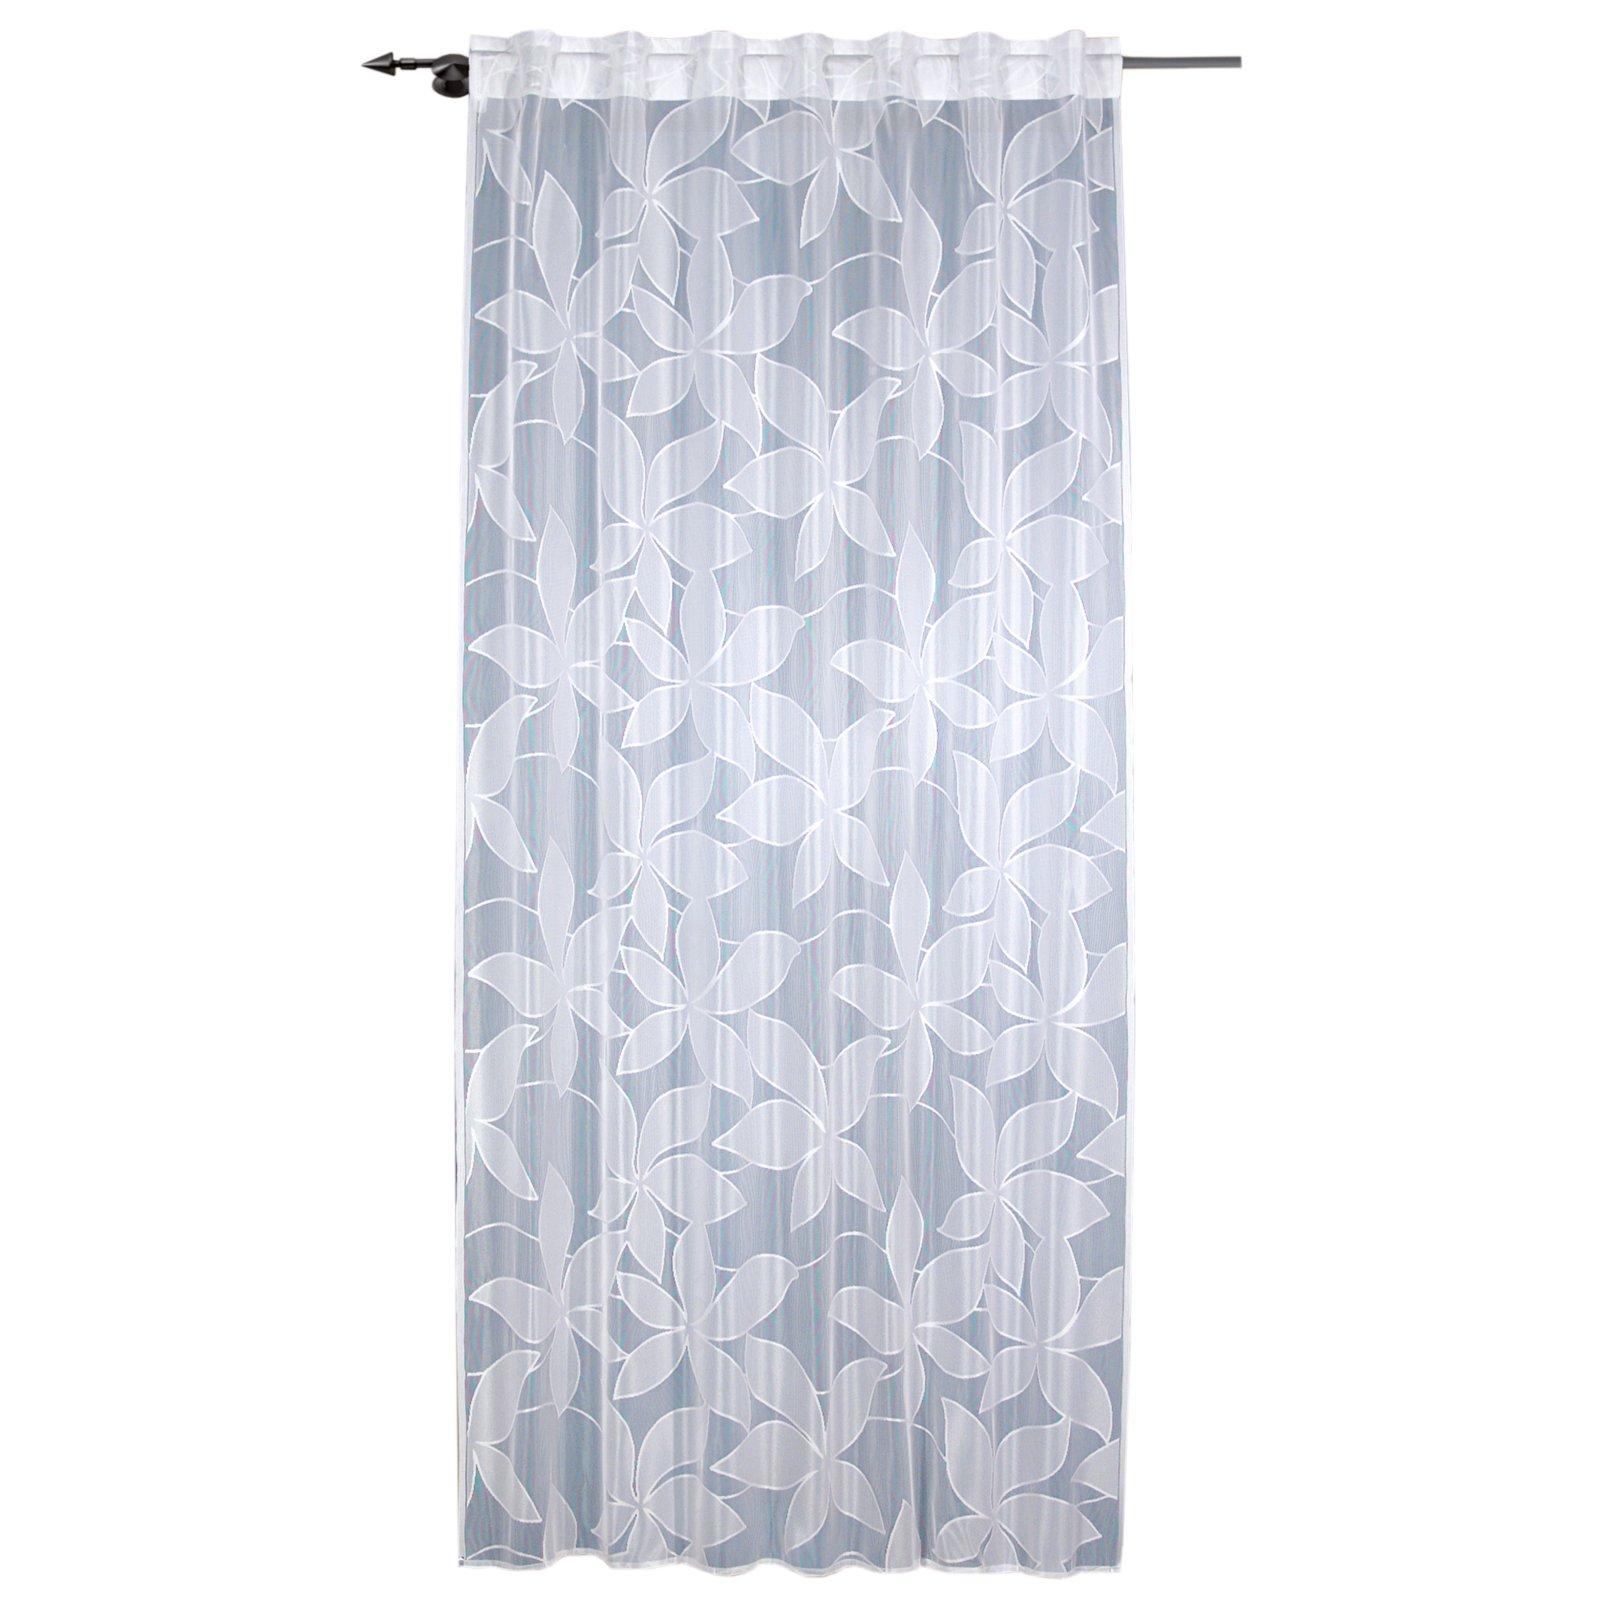 schlaufenschal wei verdeckte schlaufe 140x235 cm transparente gardinen gardinen. Black Bedroom Furniture Sets. Home Design Ideas